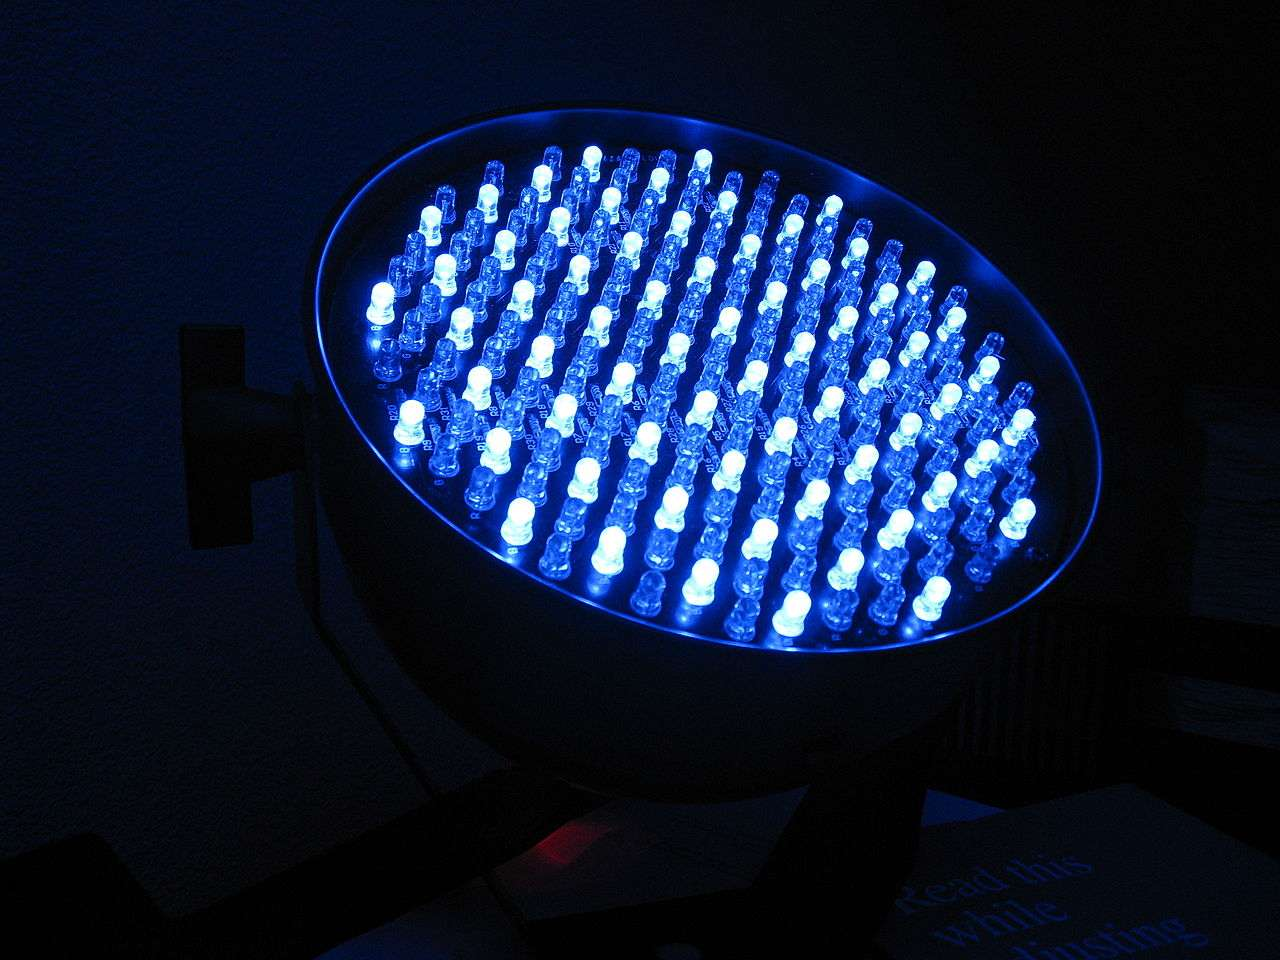 Des Led blanches et bleues utilisées pour l'éclairage d'une scène. Bien qu'ayant plus d'un siècle, la technologie Led n'est vraiment exploitée industriellement que depuis le début du XXIe siècle. © Jeff Wilcox, cc by 2.0